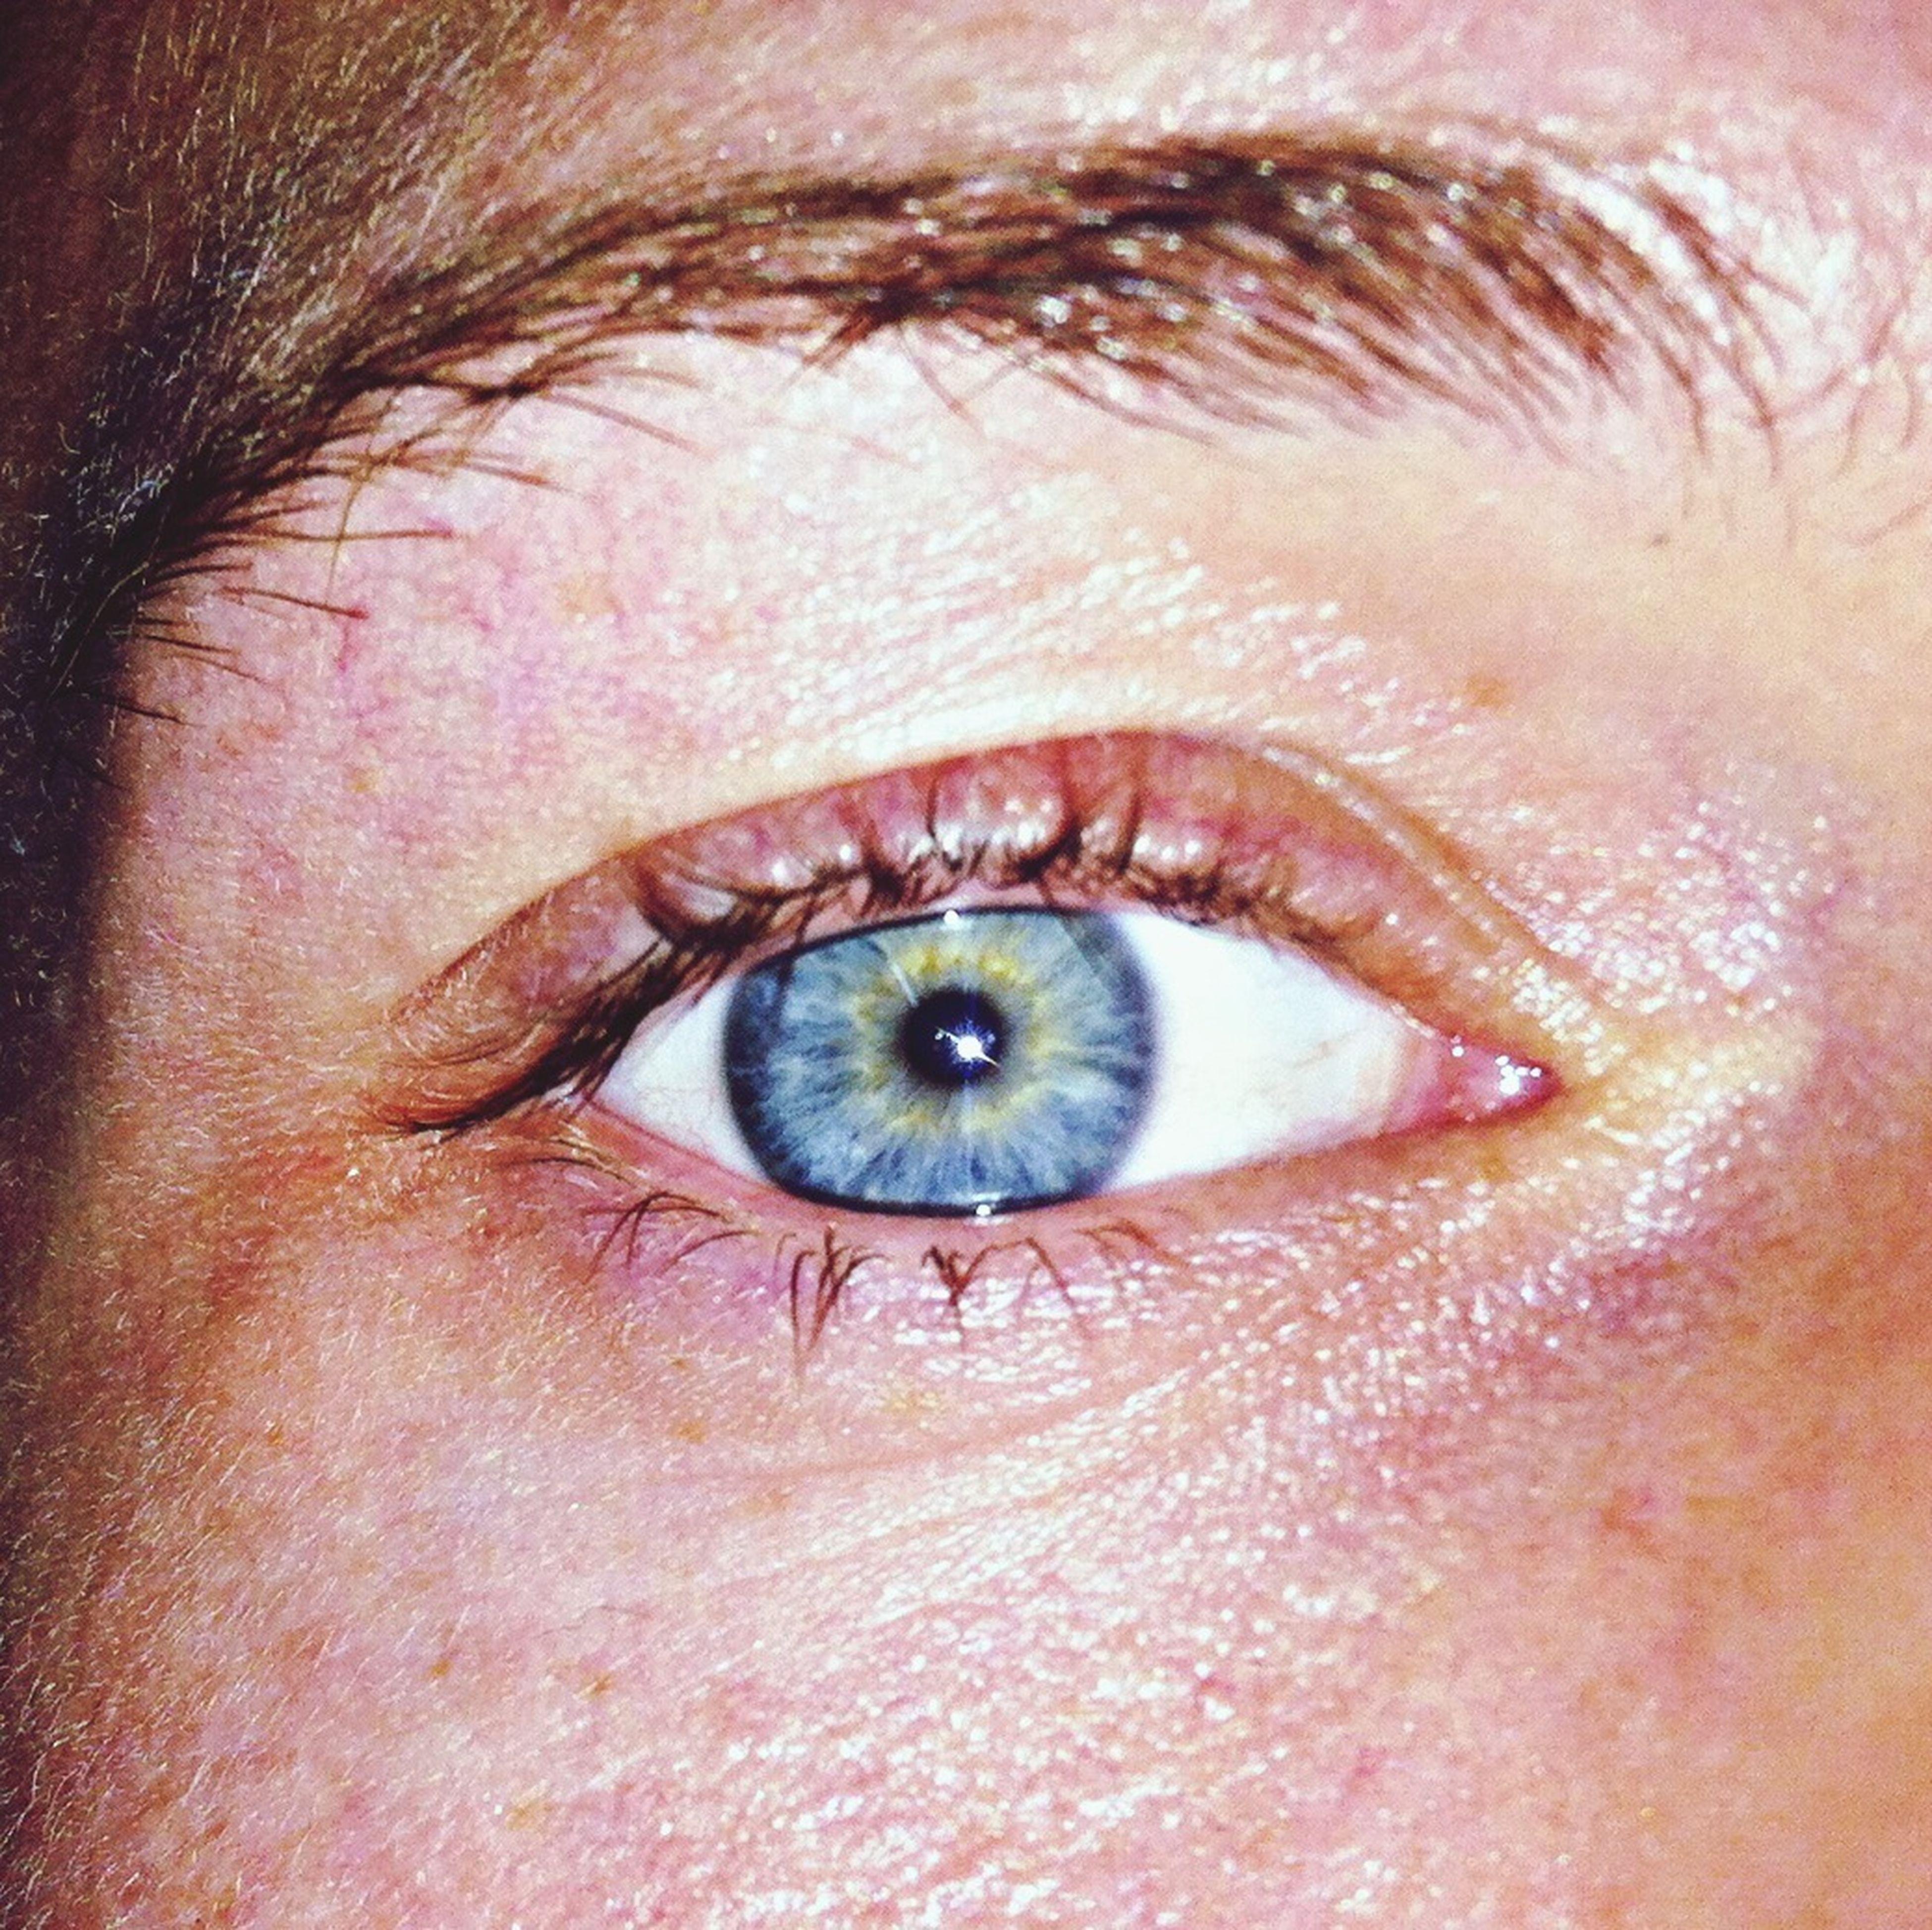 human eye, eyelash, eyesight, close-up, looking at camera, sensory perception, portrait, human skin, part of, iris - eye, extreme close-up, eyeball, eyebrow, human face, lifestyles, extreme close up, full frame